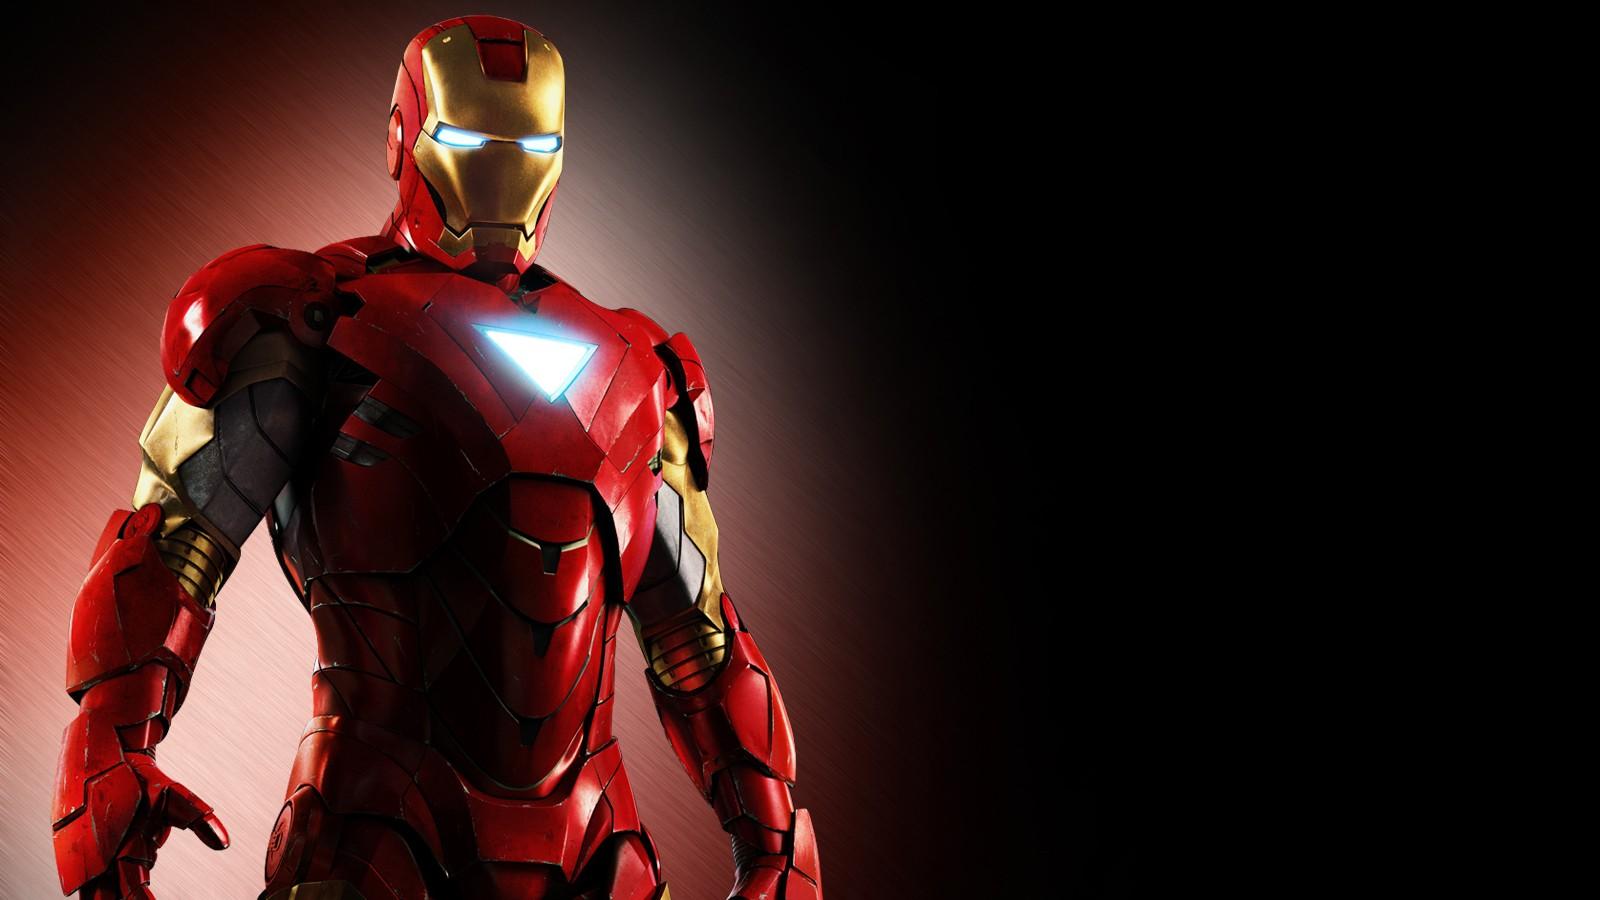 Iron Man Wallpaper 34447: デスクトップ壁紙 : 赤, スーパーヒーロー, 鉄人, マーベル映画宇宙, コンピュータの壁紙, 架空の人物